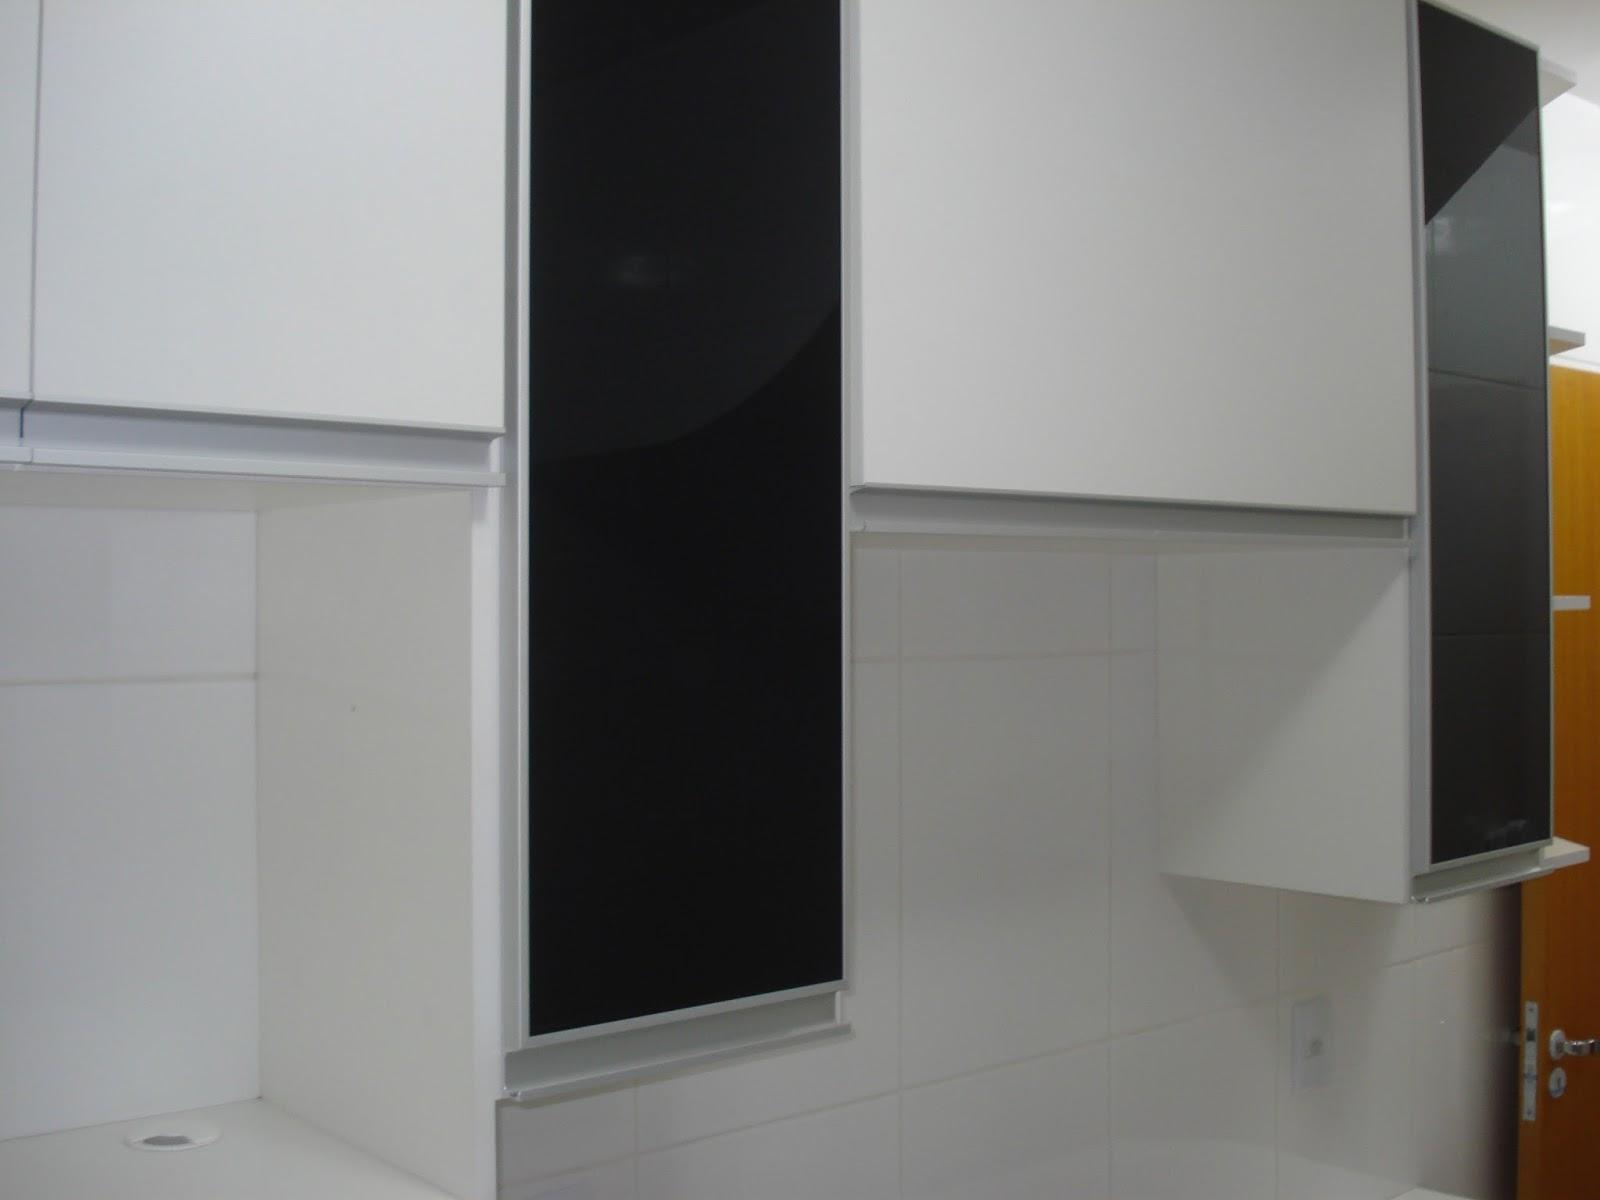 #66380C  em Perfil de Alumínio Corrediças Telescópicas e Portas em Vidro 1058 Portas E Janelas De Aluminio Em Belo Horizonte